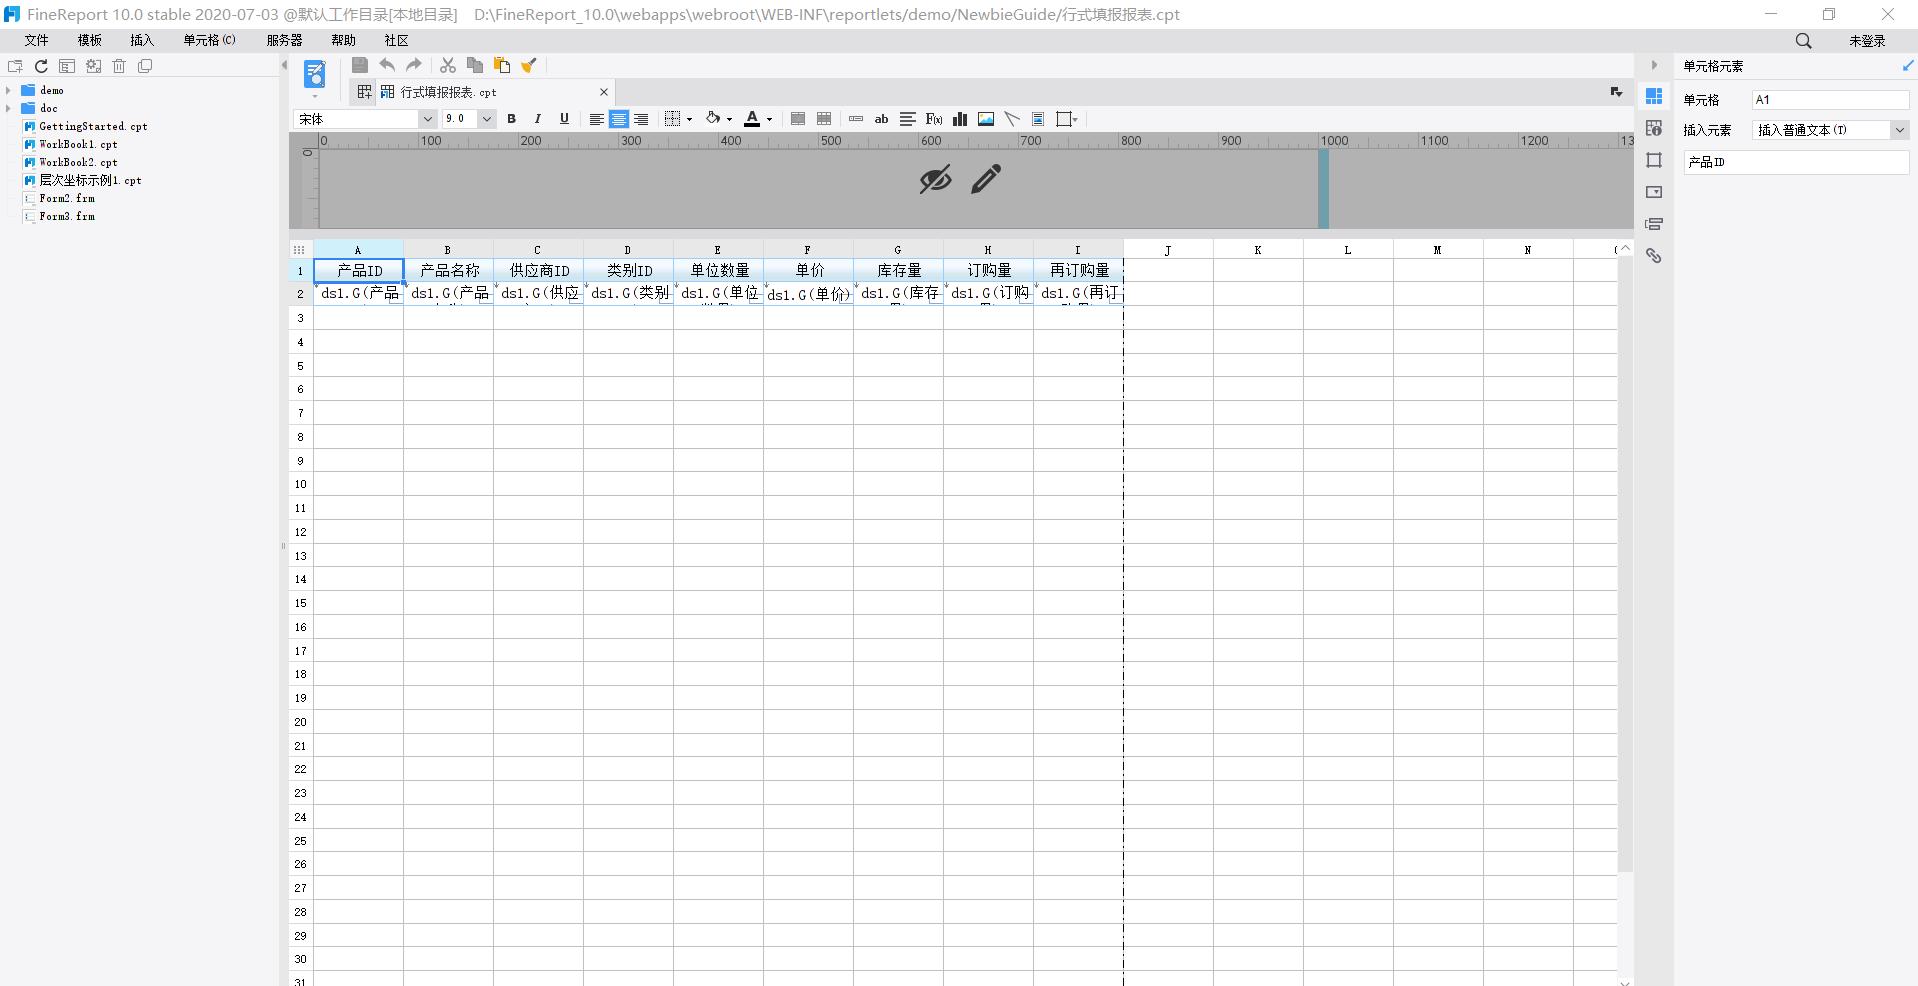 积木报表对比帆软报表有哪些区别?(图1)